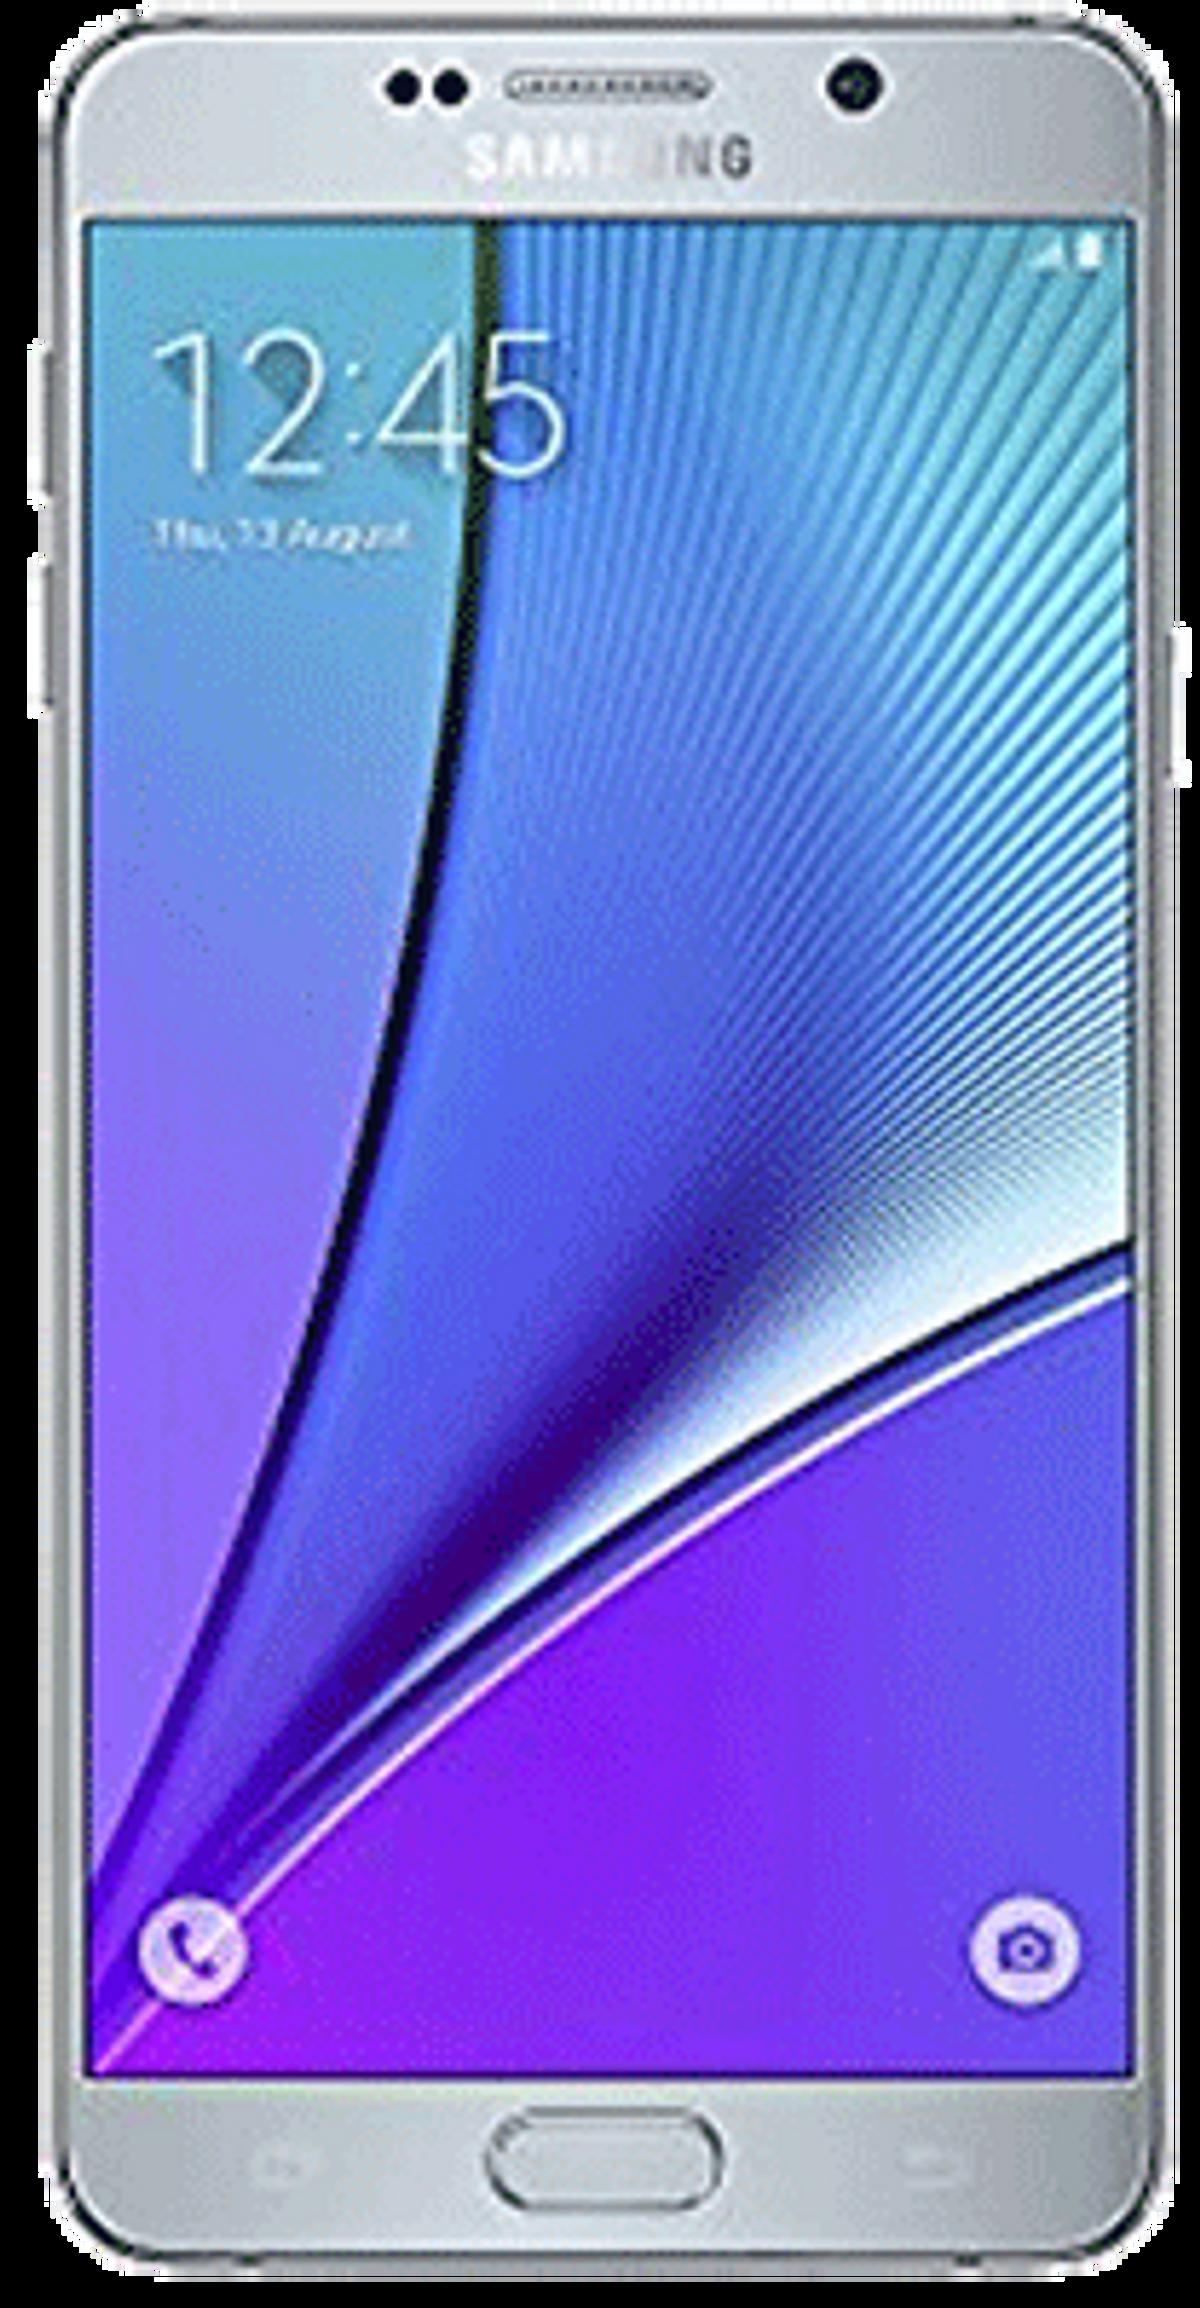 ಸ್ಯಾಮ್ಸಂಗ್ ಗ್ಯಾಲಕ್ಸಿ Note 5 Dual SIM